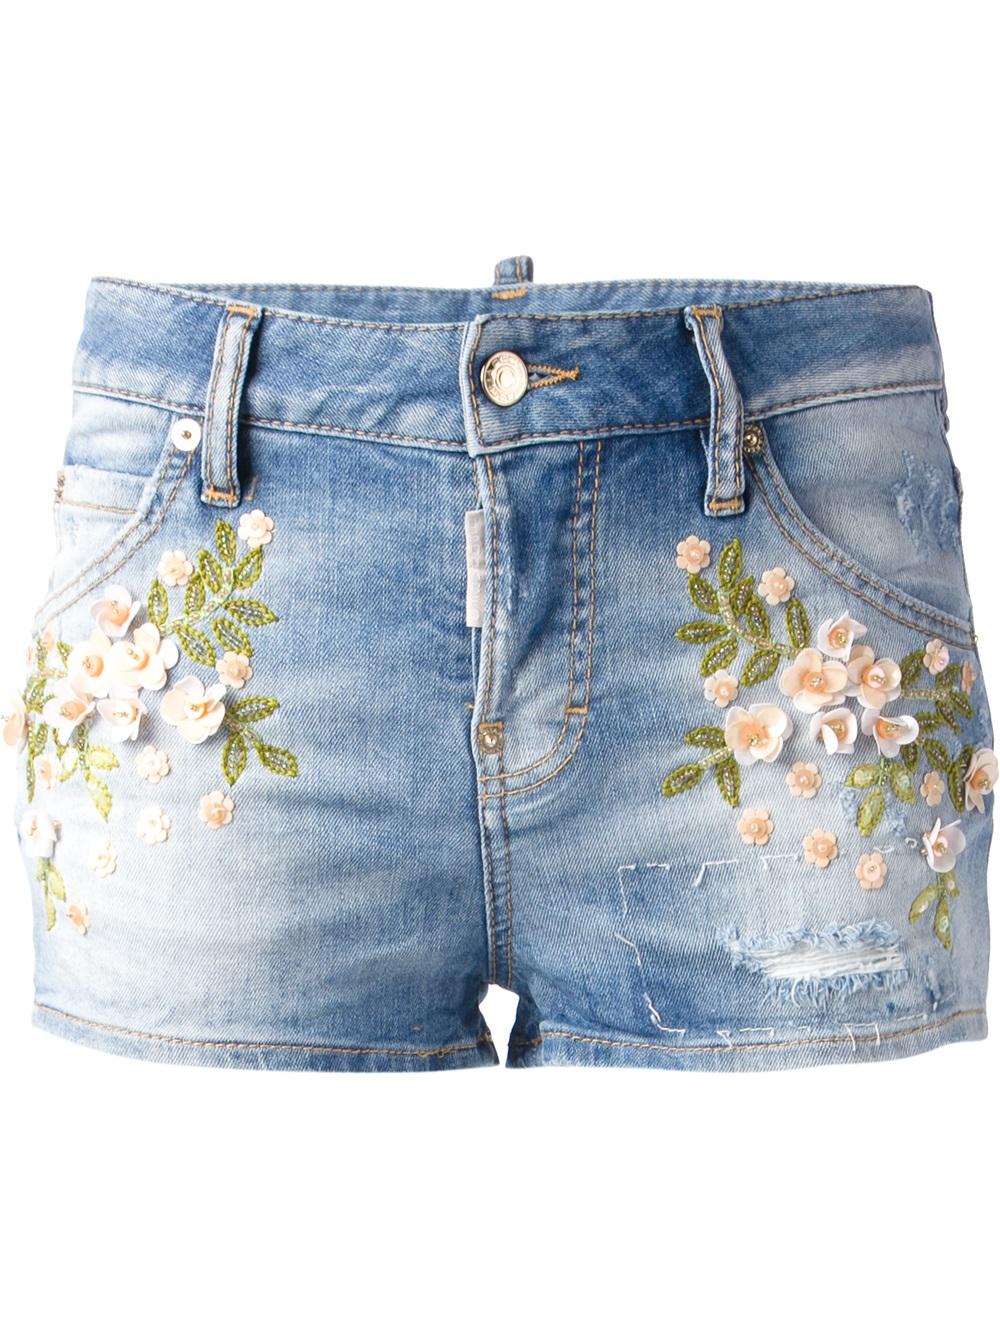 Lyst - DSquared² Embroidered Denim Shorts in Blue e159e54e931f